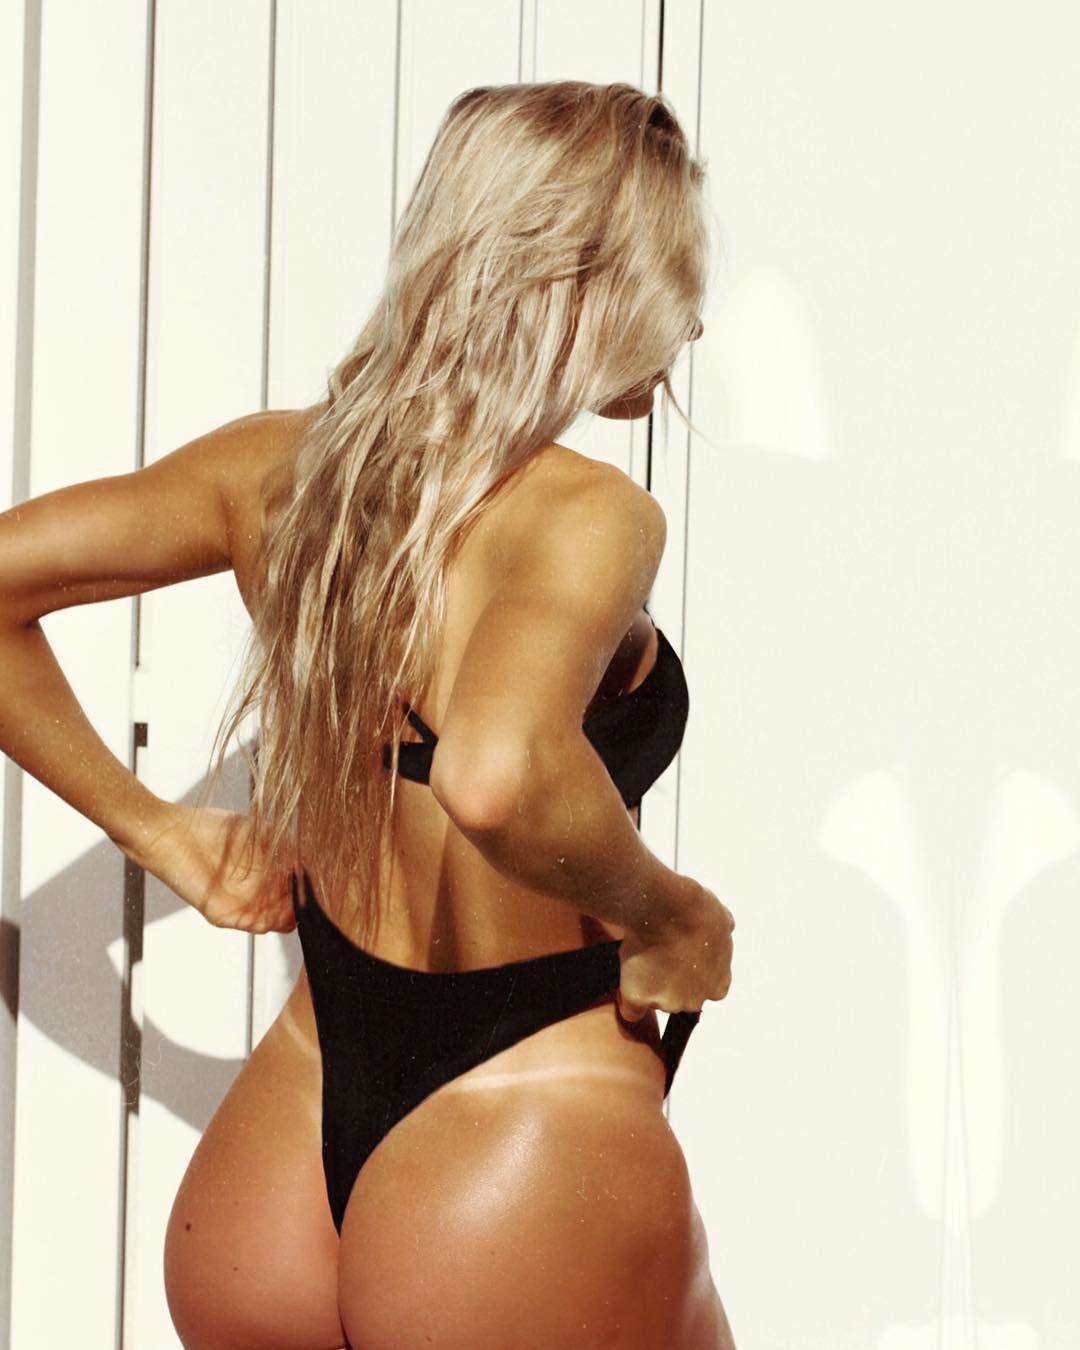 Lake mead nude girl